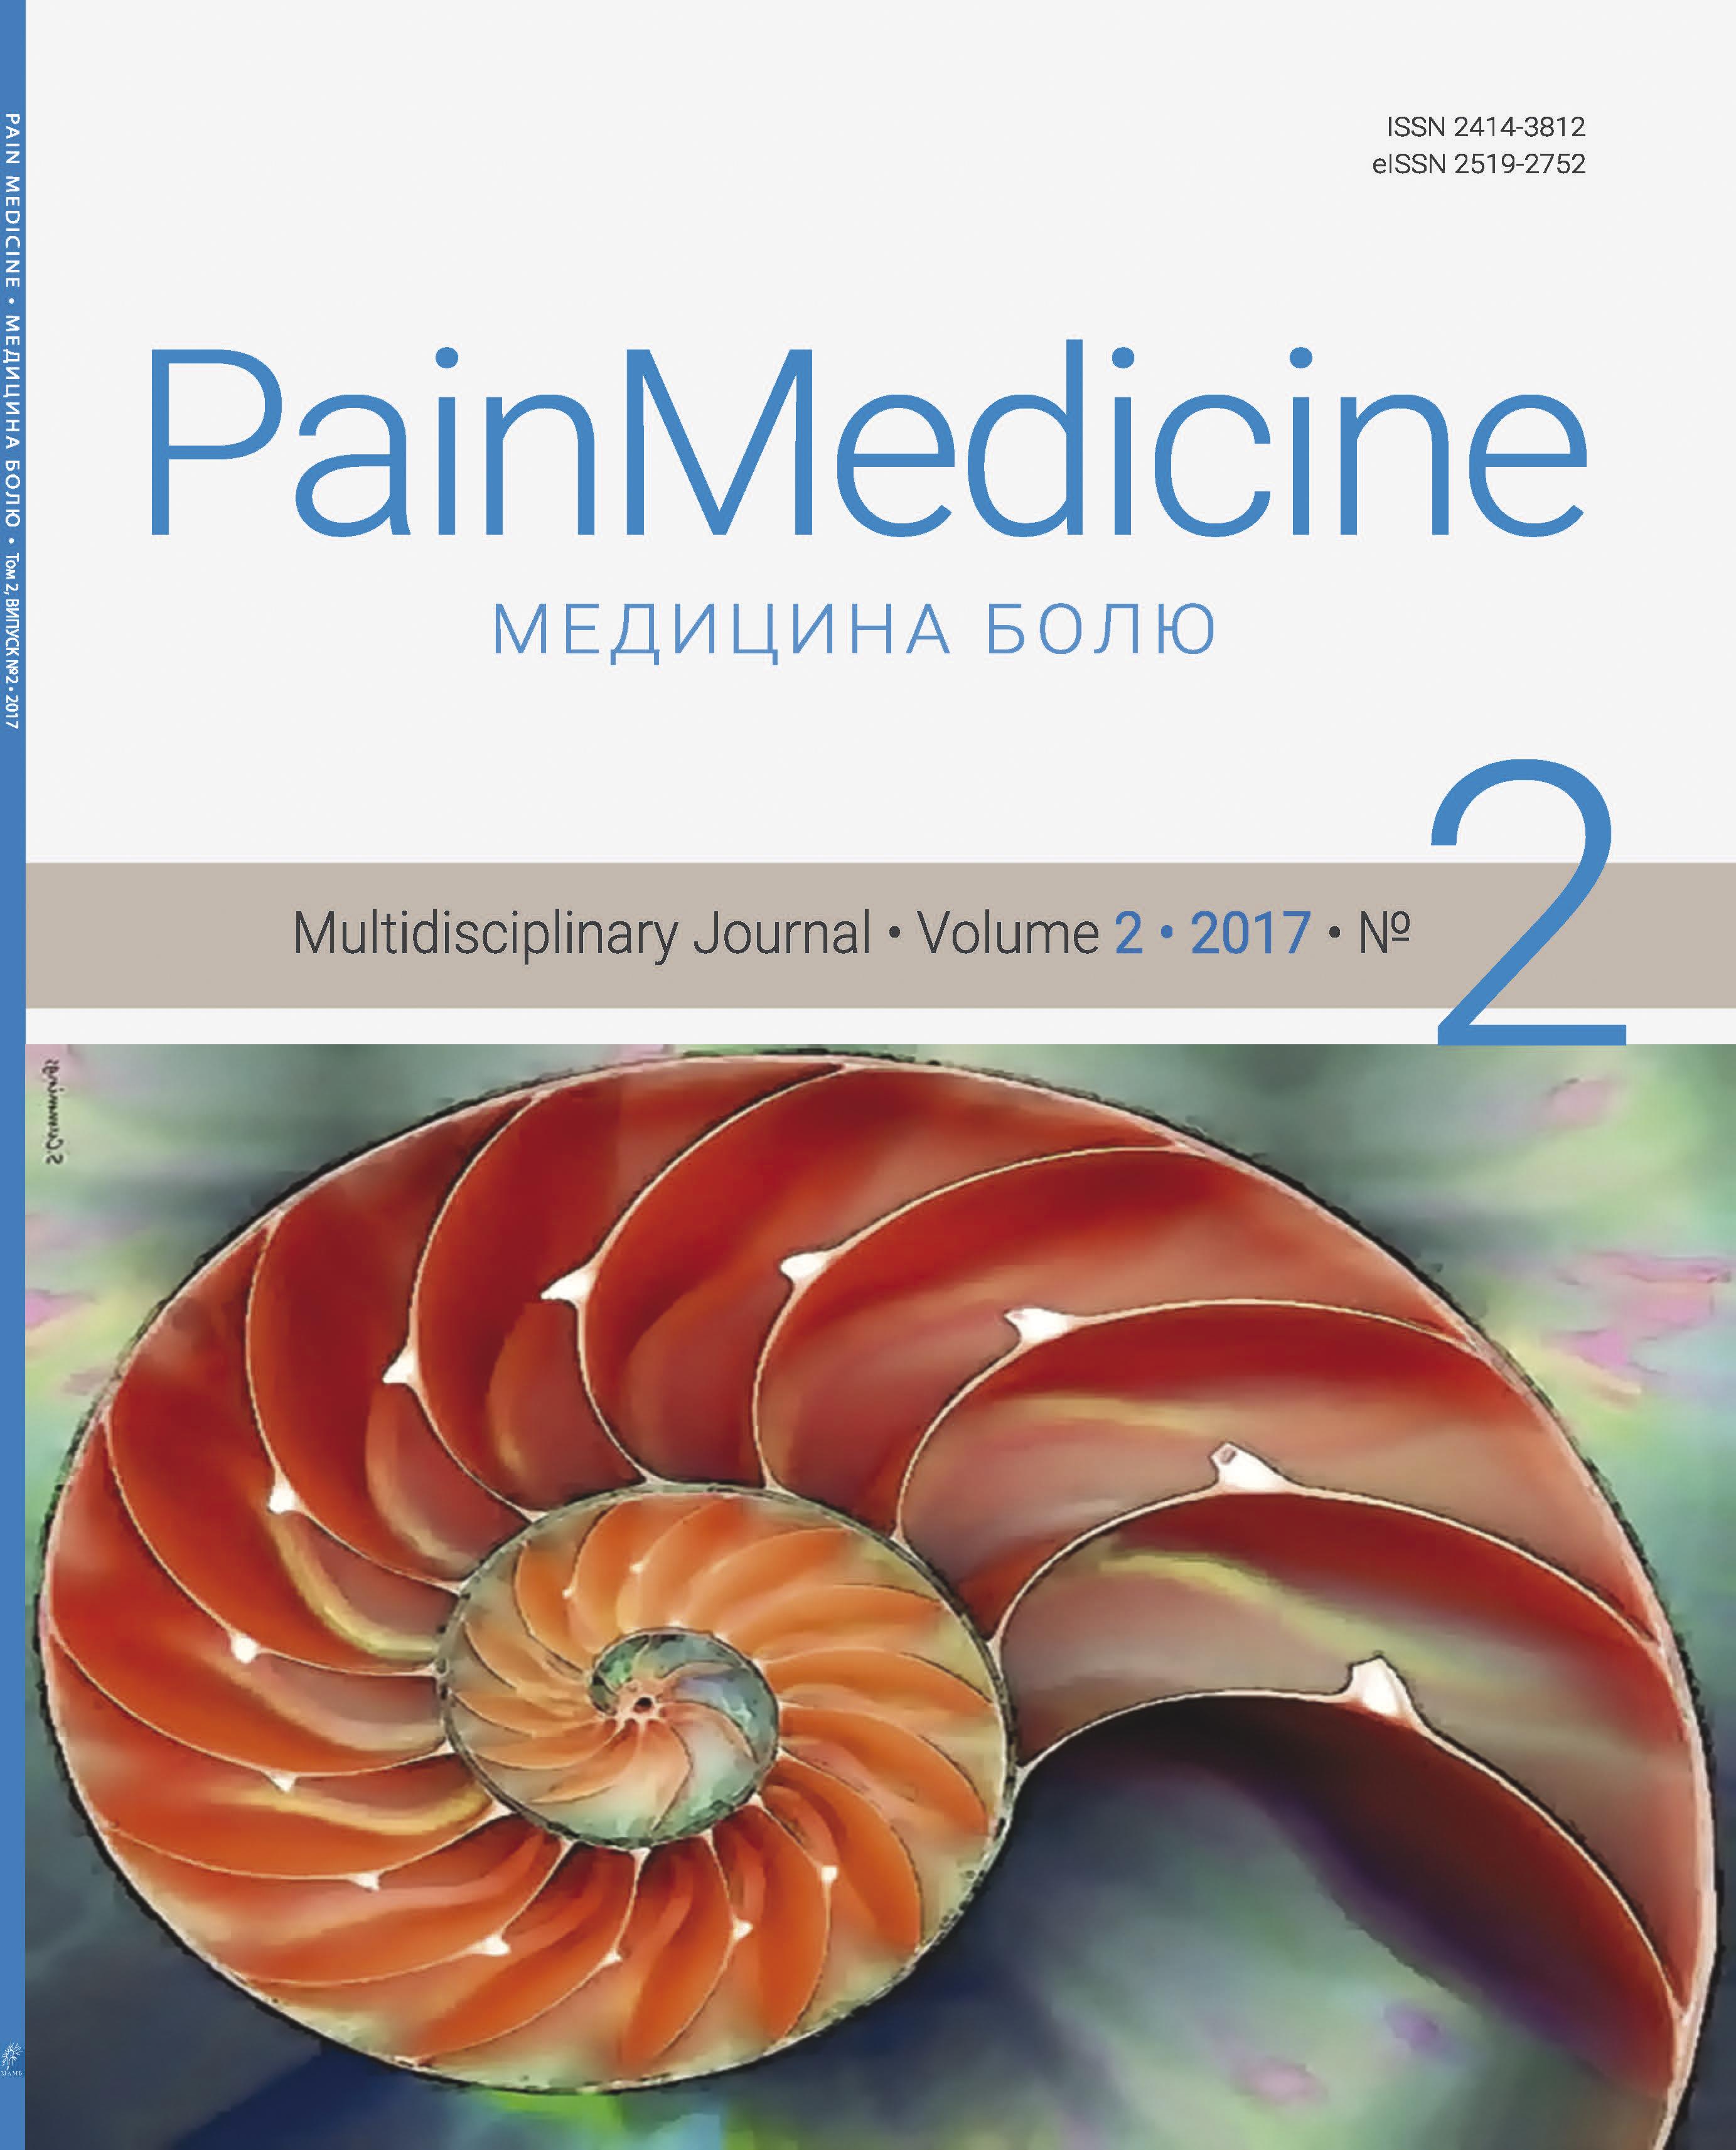 View Vol. 2 No. 2 (2017): Medicina bolu